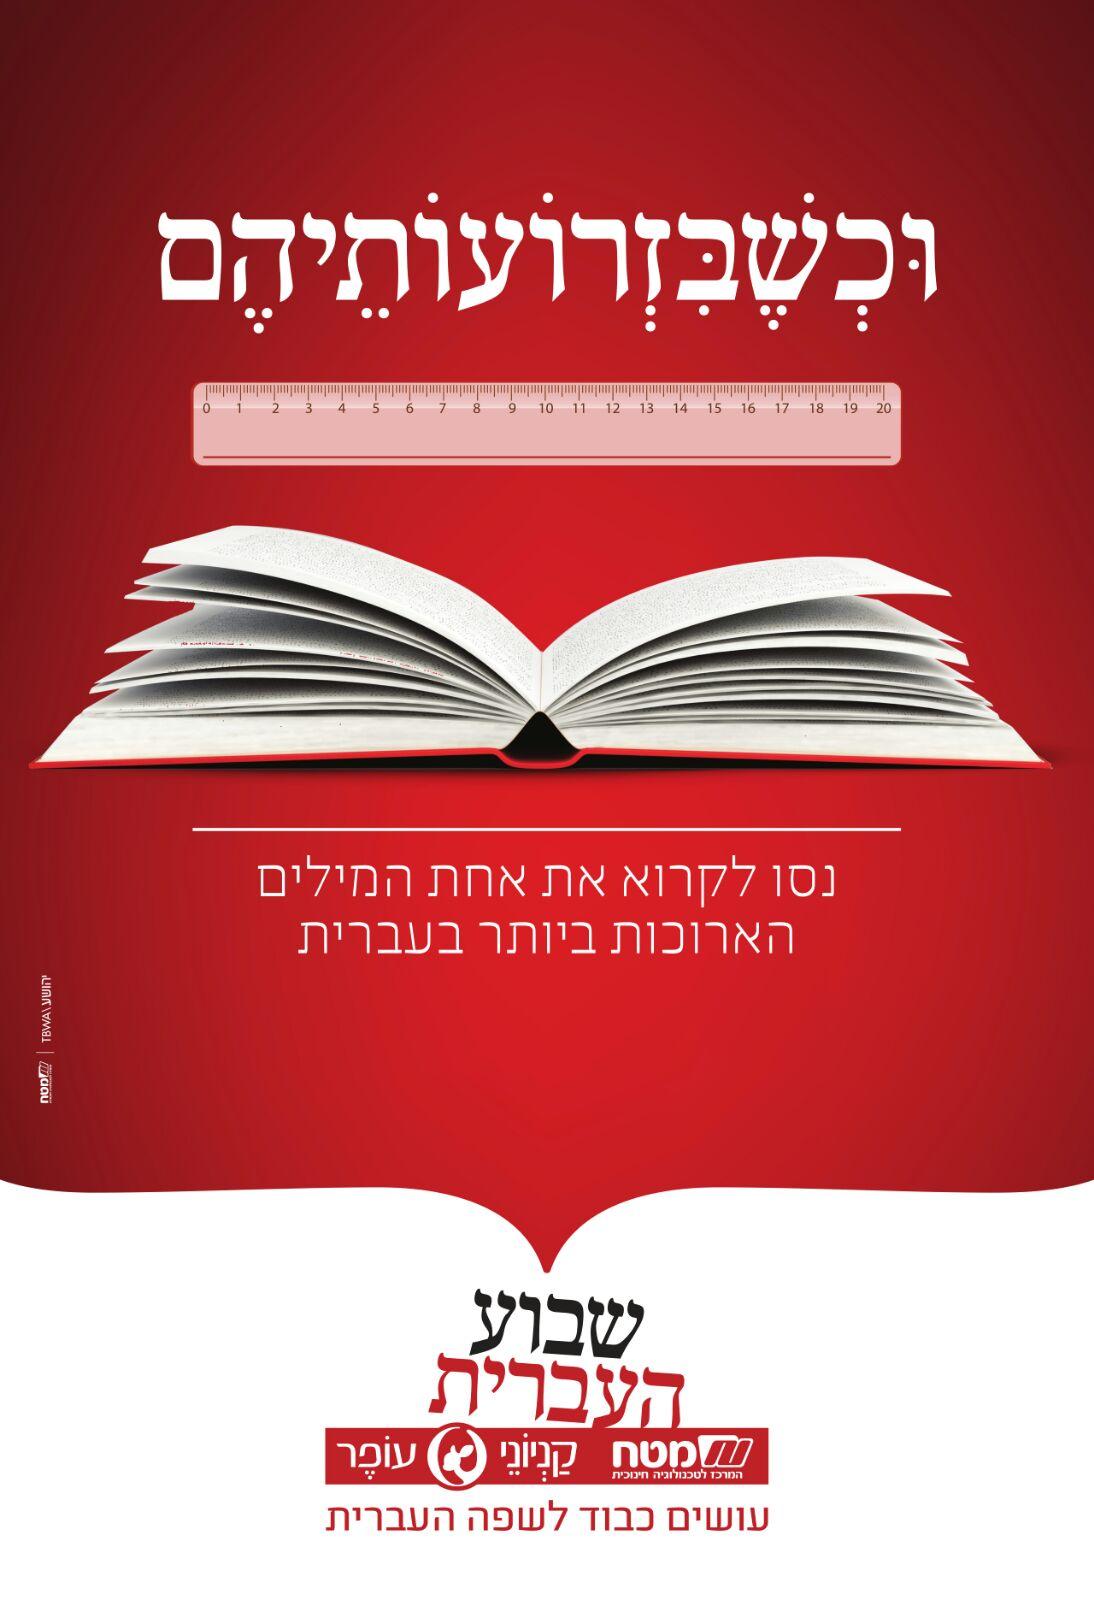 מסע פרסומי המציג את הצדדים המשעשעים של השפה העברית 2